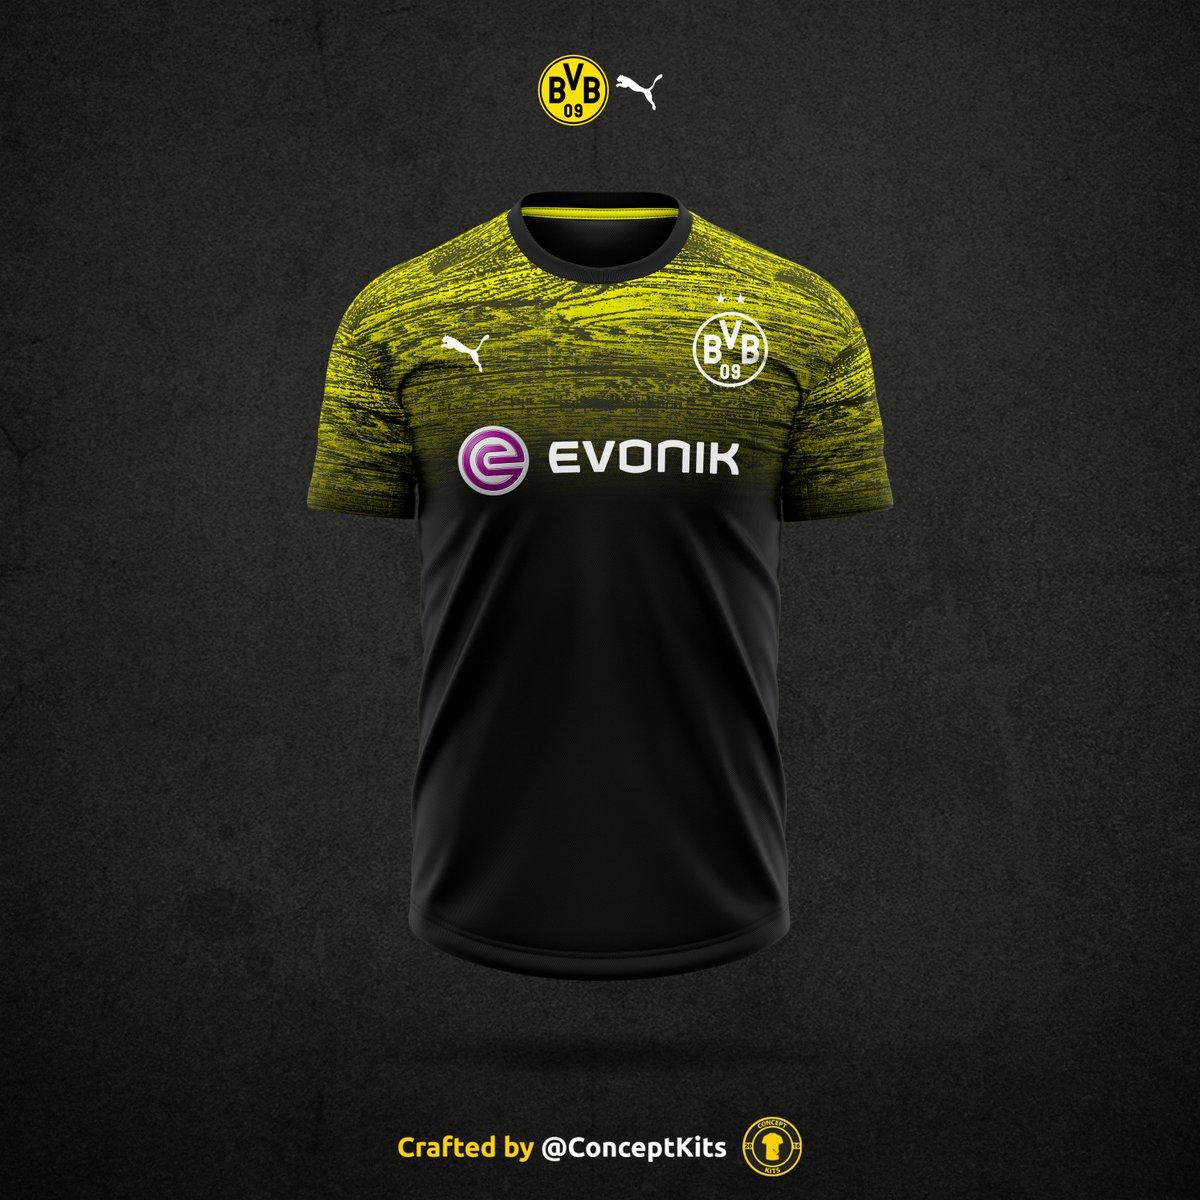 Twitter À¤ªà¤° Concept Kits Borussia 09 E V Dortmund Away Kit Concept For The 2020 21 Season Bvb Borussia Borussiadortmund Dortmund Bvb09 Puma Bundesliga Kitdesign Https T Co F7cf7ahyzy